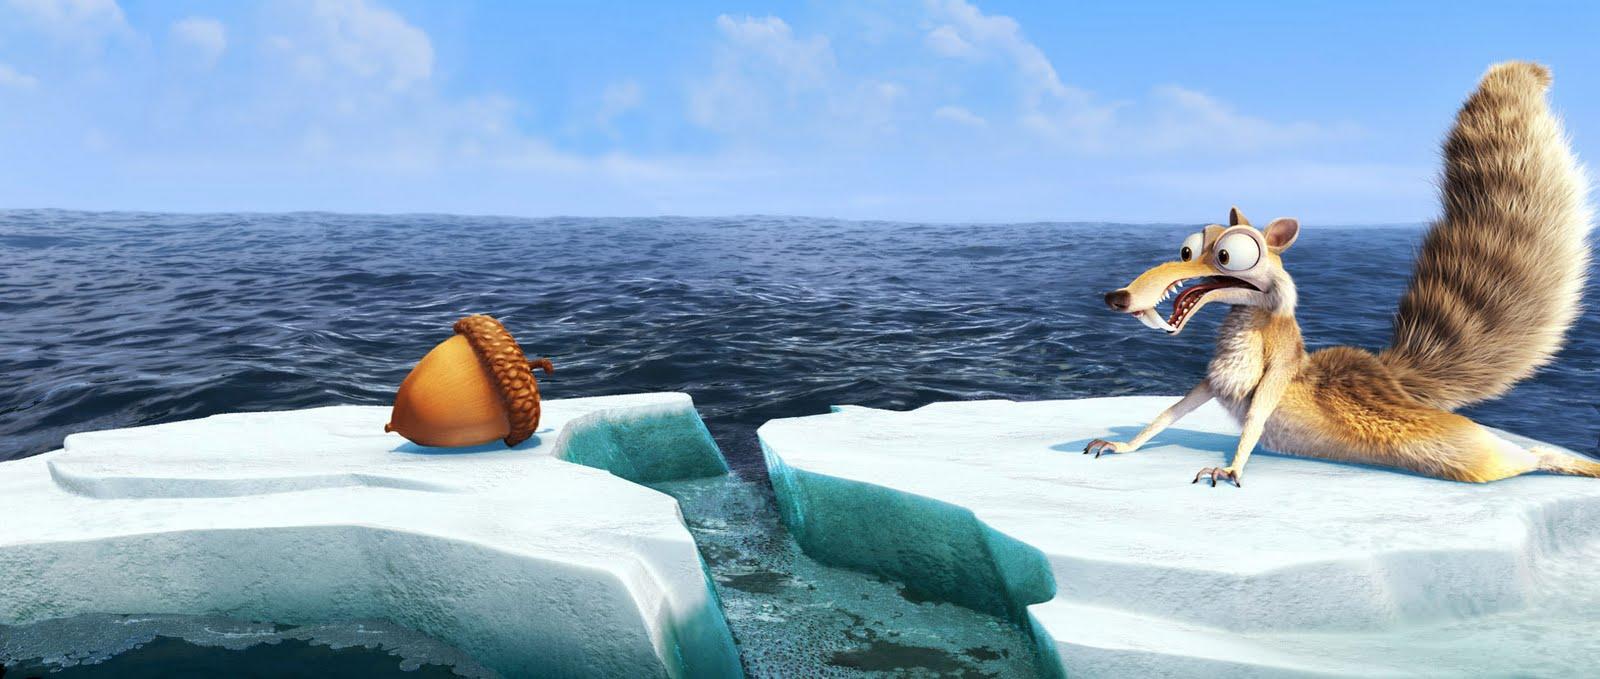 Ice Age 4 - Scrat.jpg